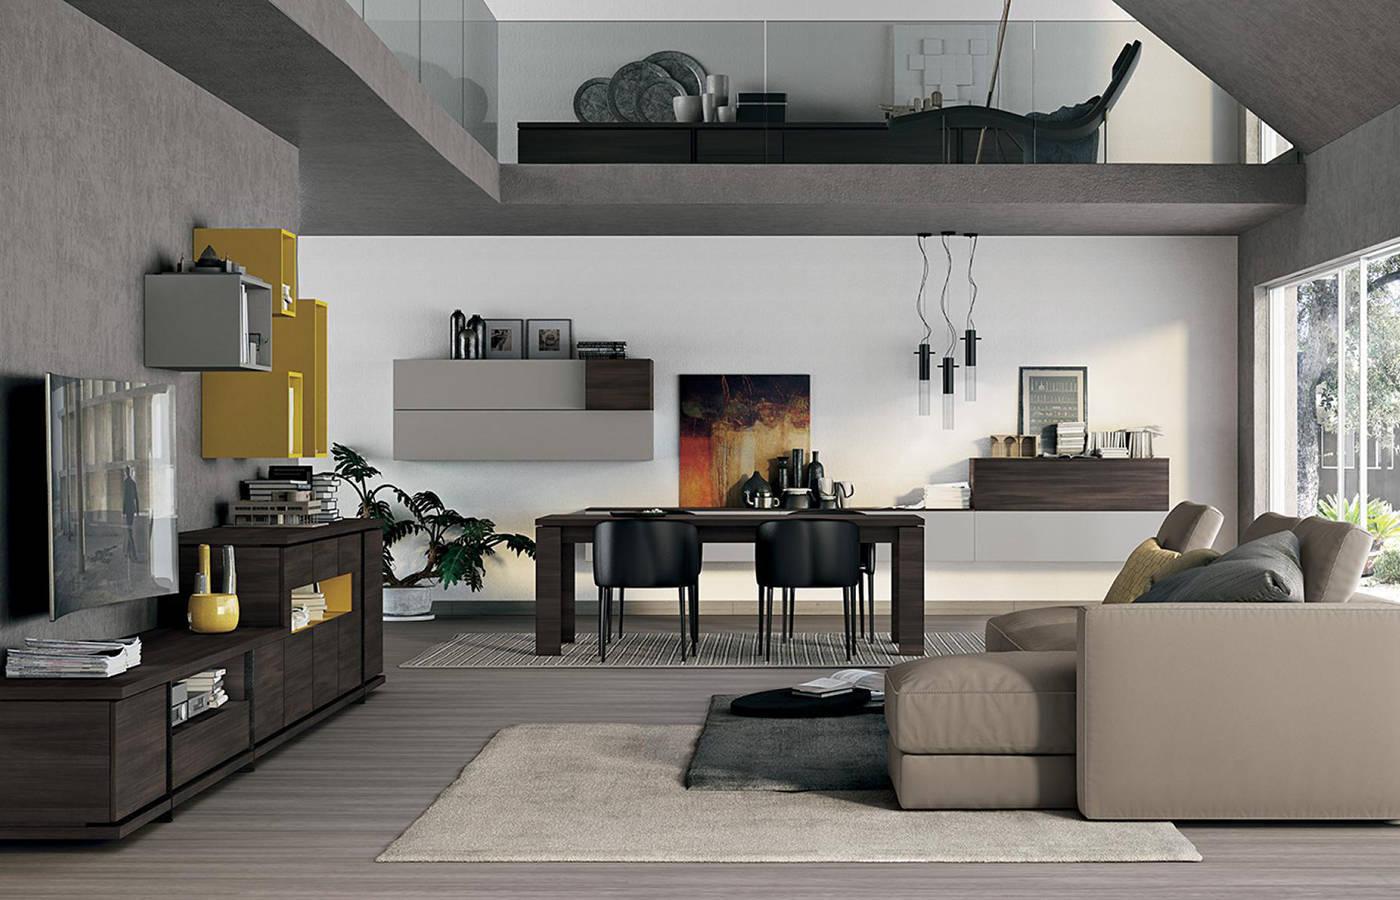 Muebles Y Accesorios Estilo Contempor Neo Colombini Casa Karen  # Muebles Karen Collignon